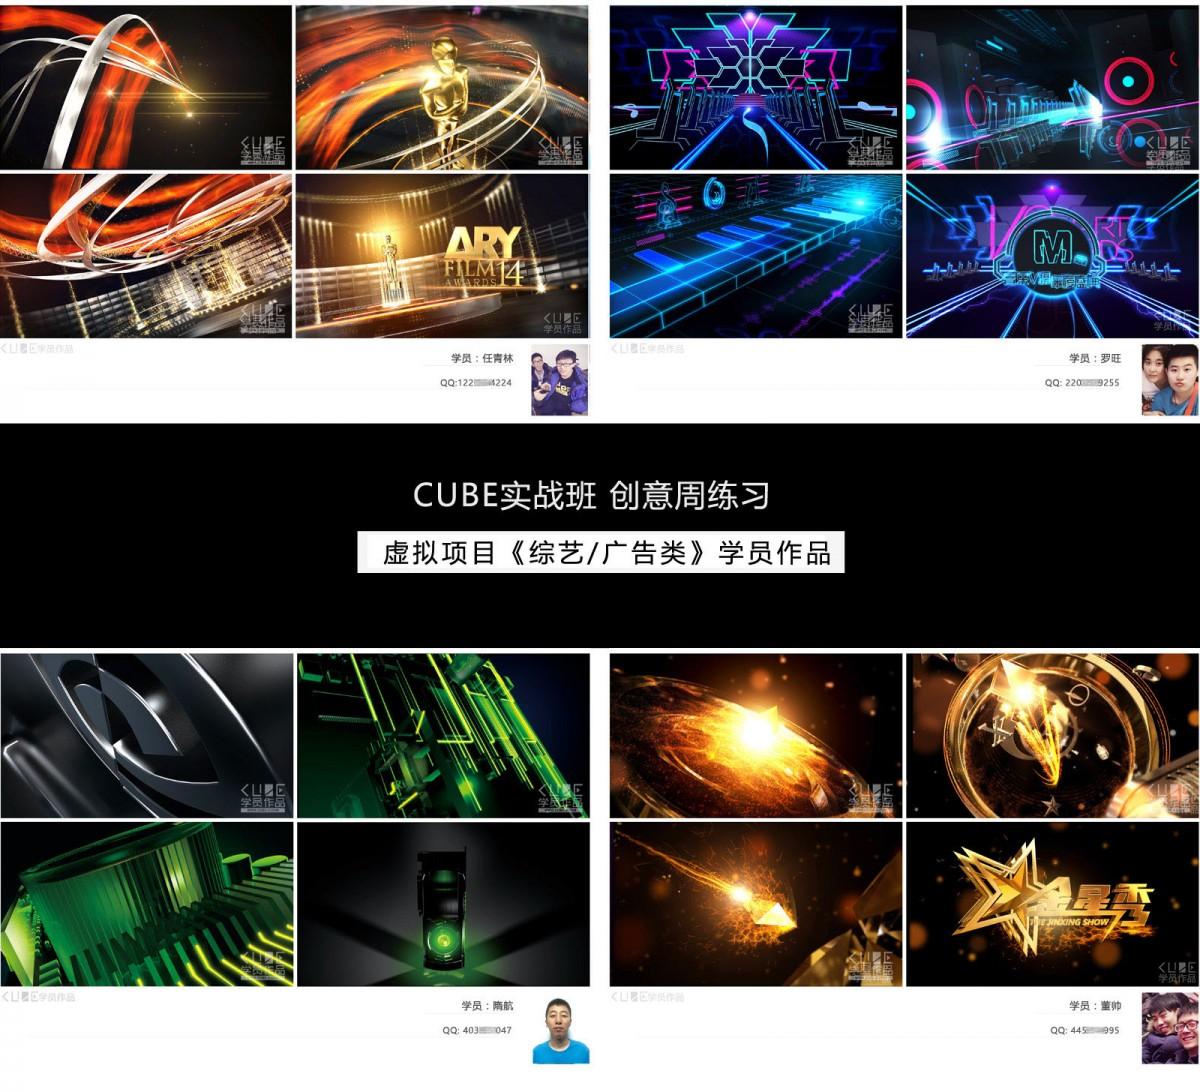 CUBE实战班 创意周——《新闻/娱乐/广告类》 虚拟项目练习